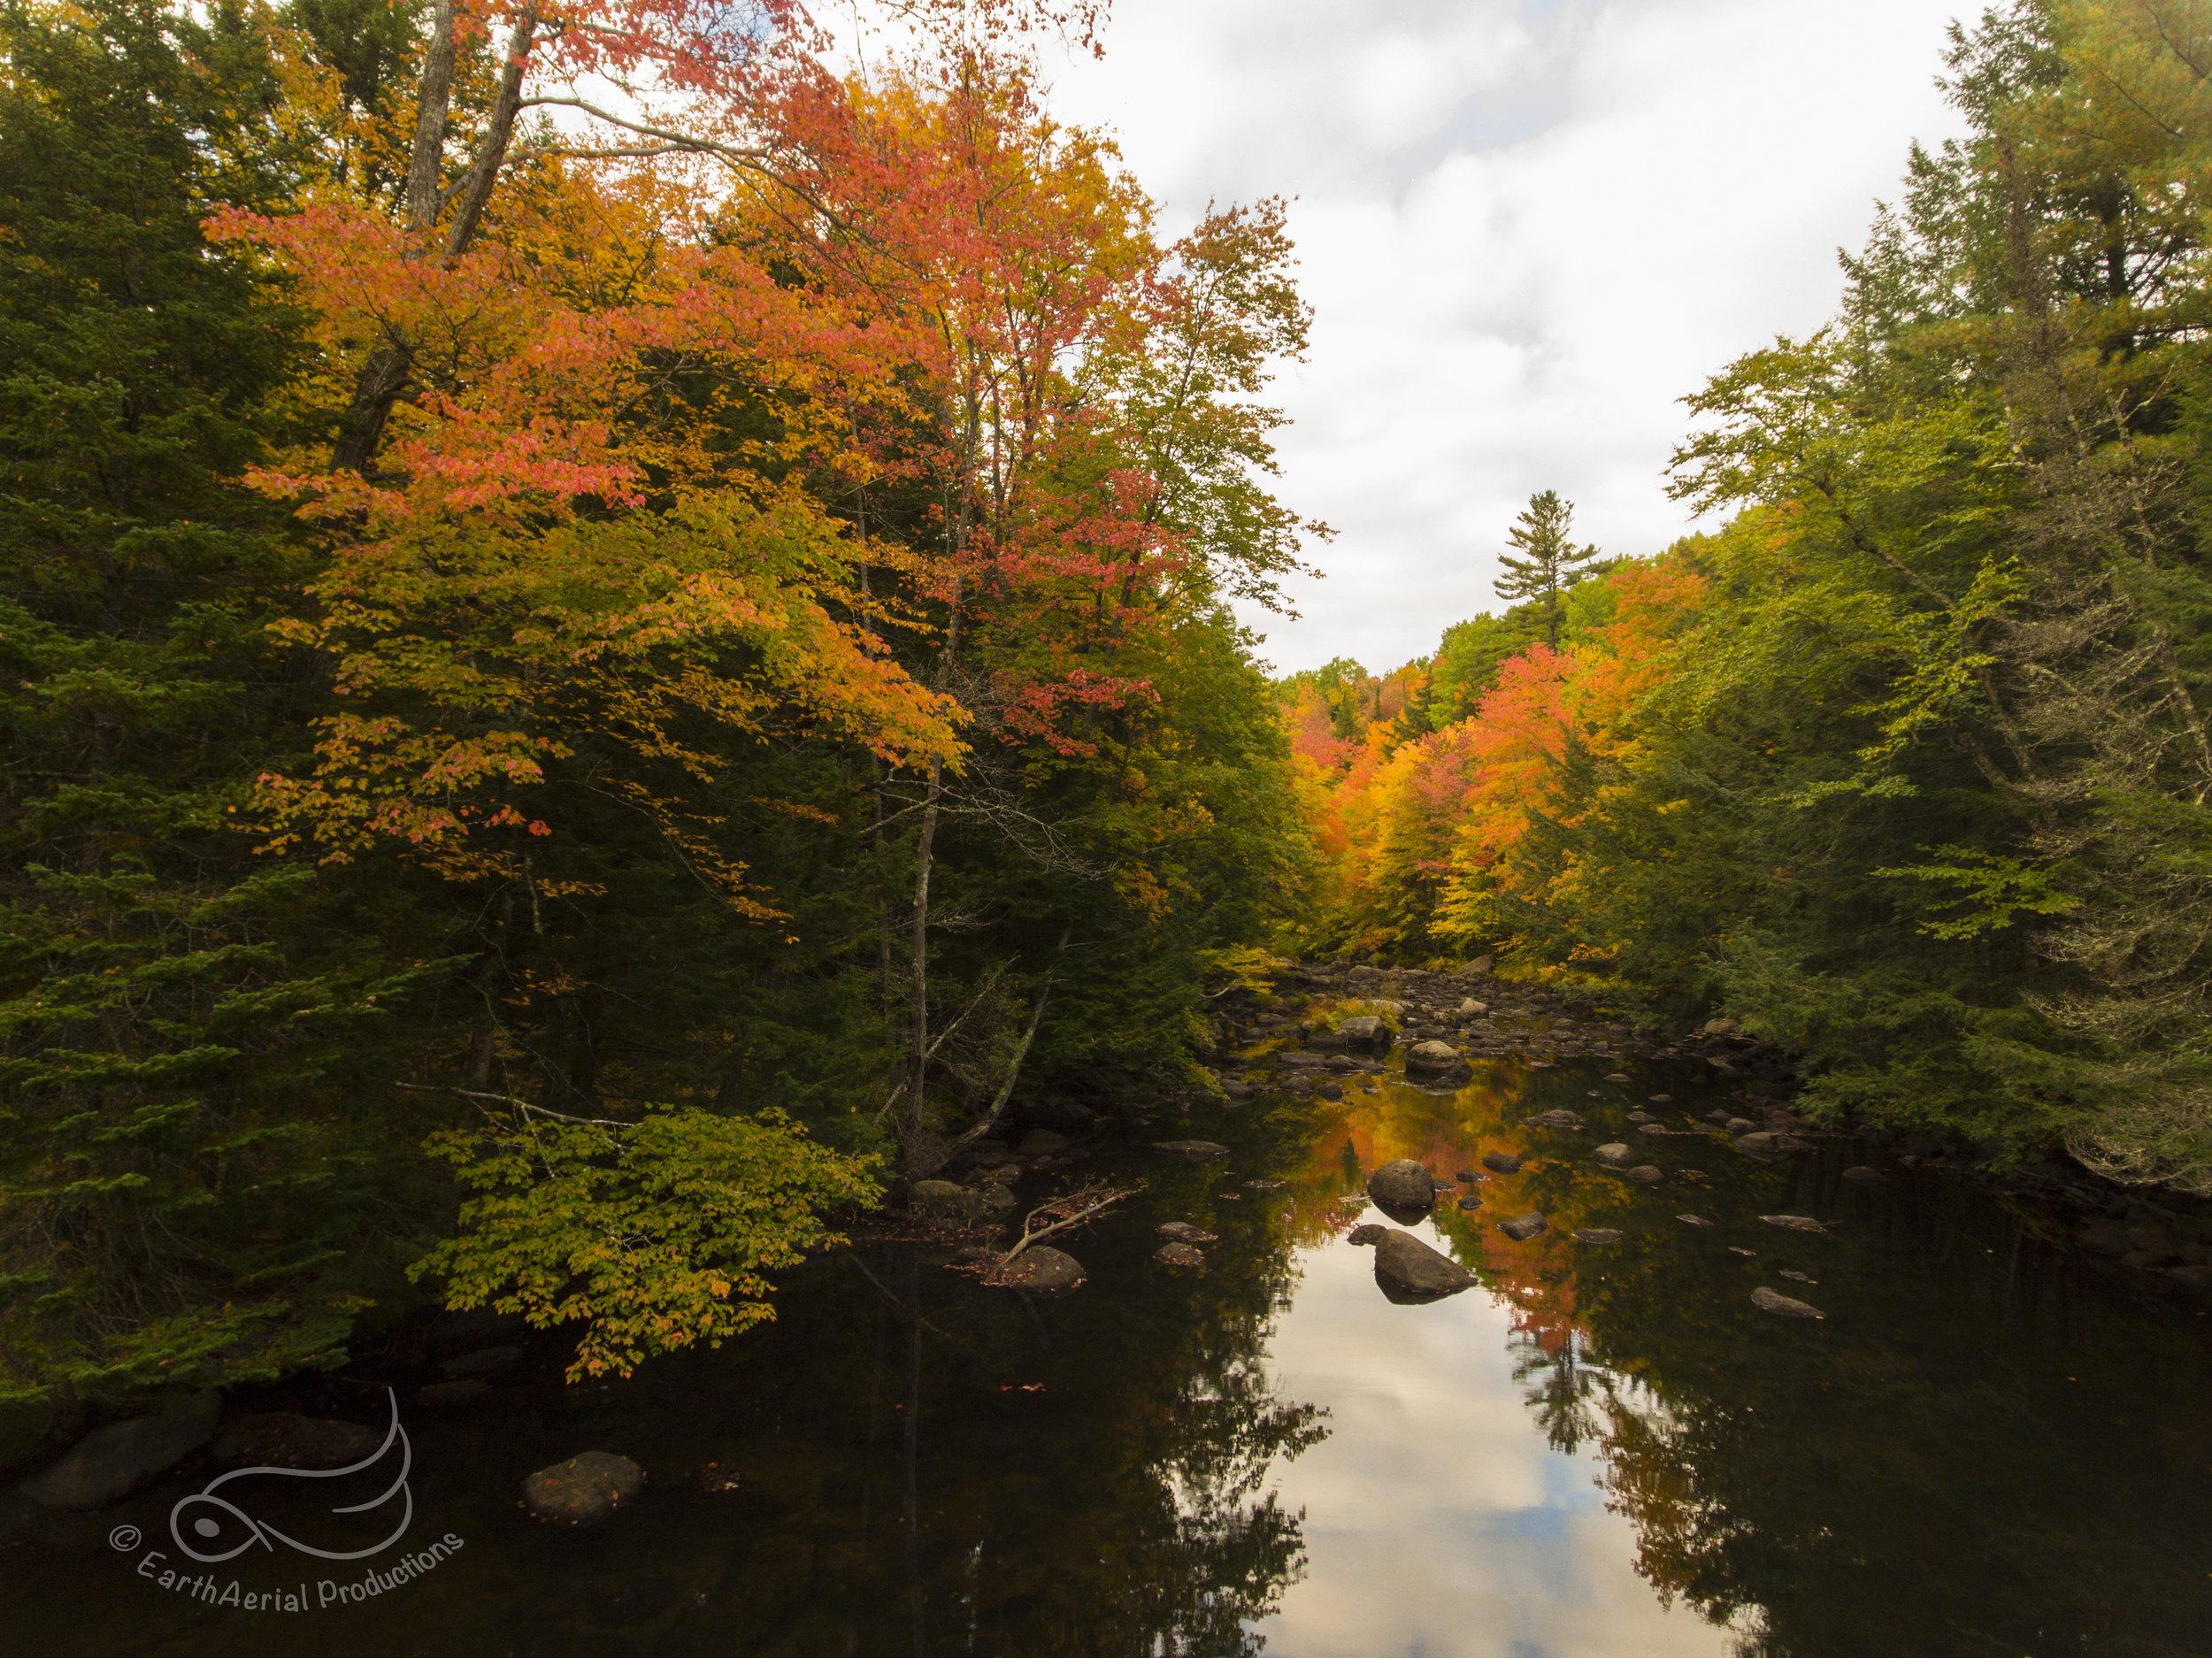 SmithRiverFoliage1 copy.jpg